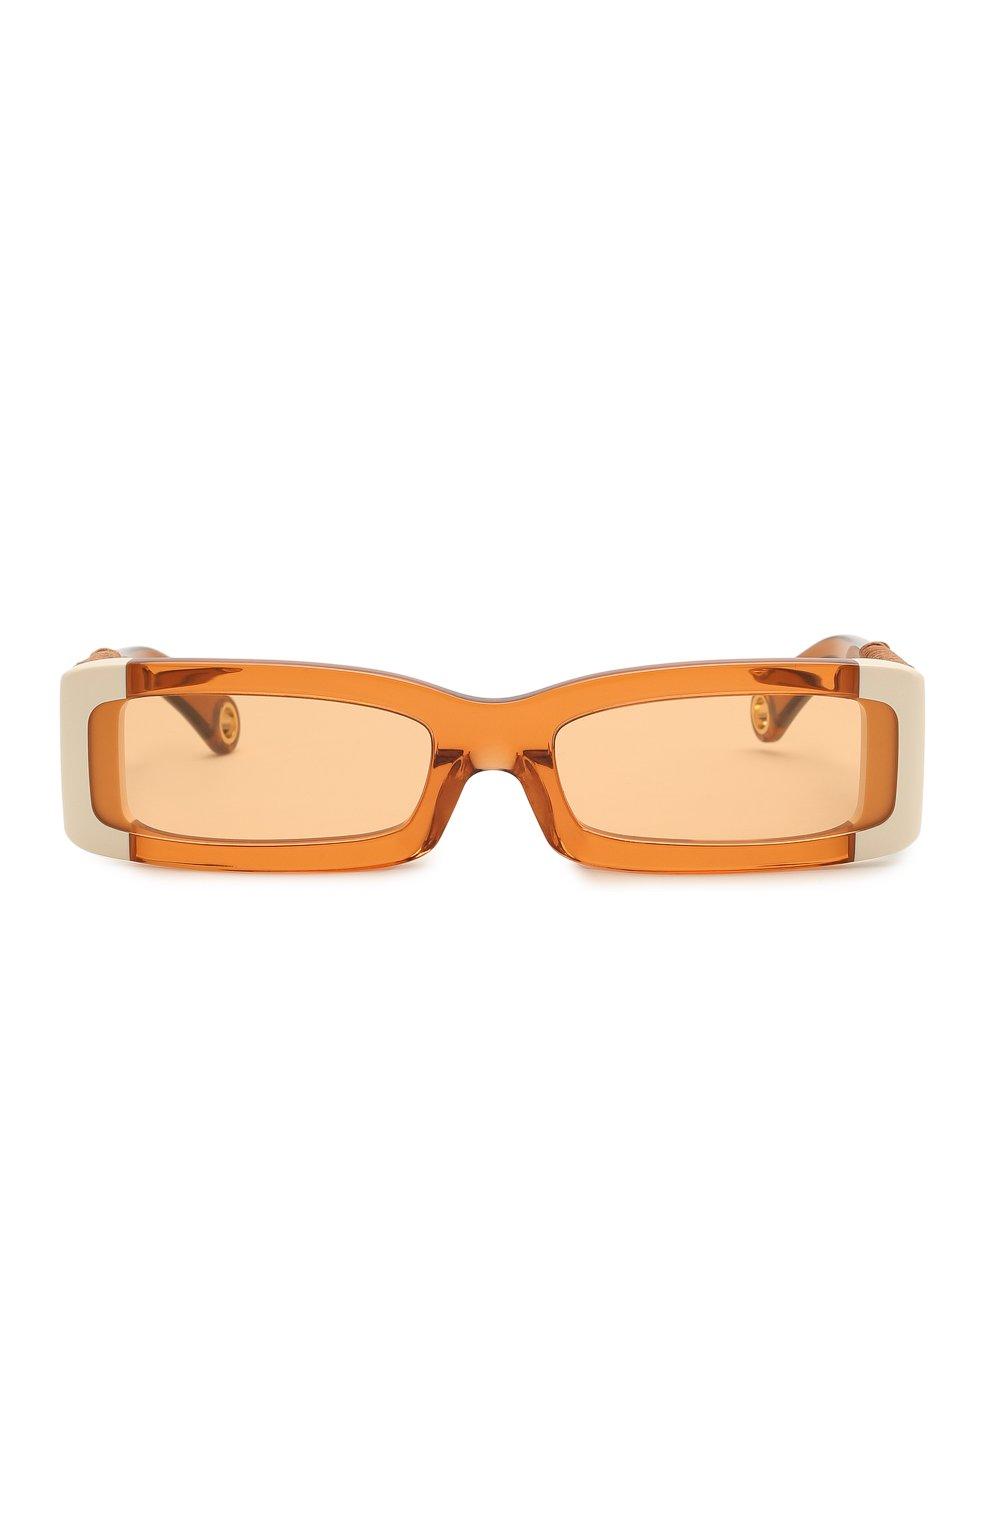 Женские солнцезащитные очки JACQUEMUS оранжевого цвета, арт. LES LUNETTES 97 SHADE 0F 0RANGE | Фото 4